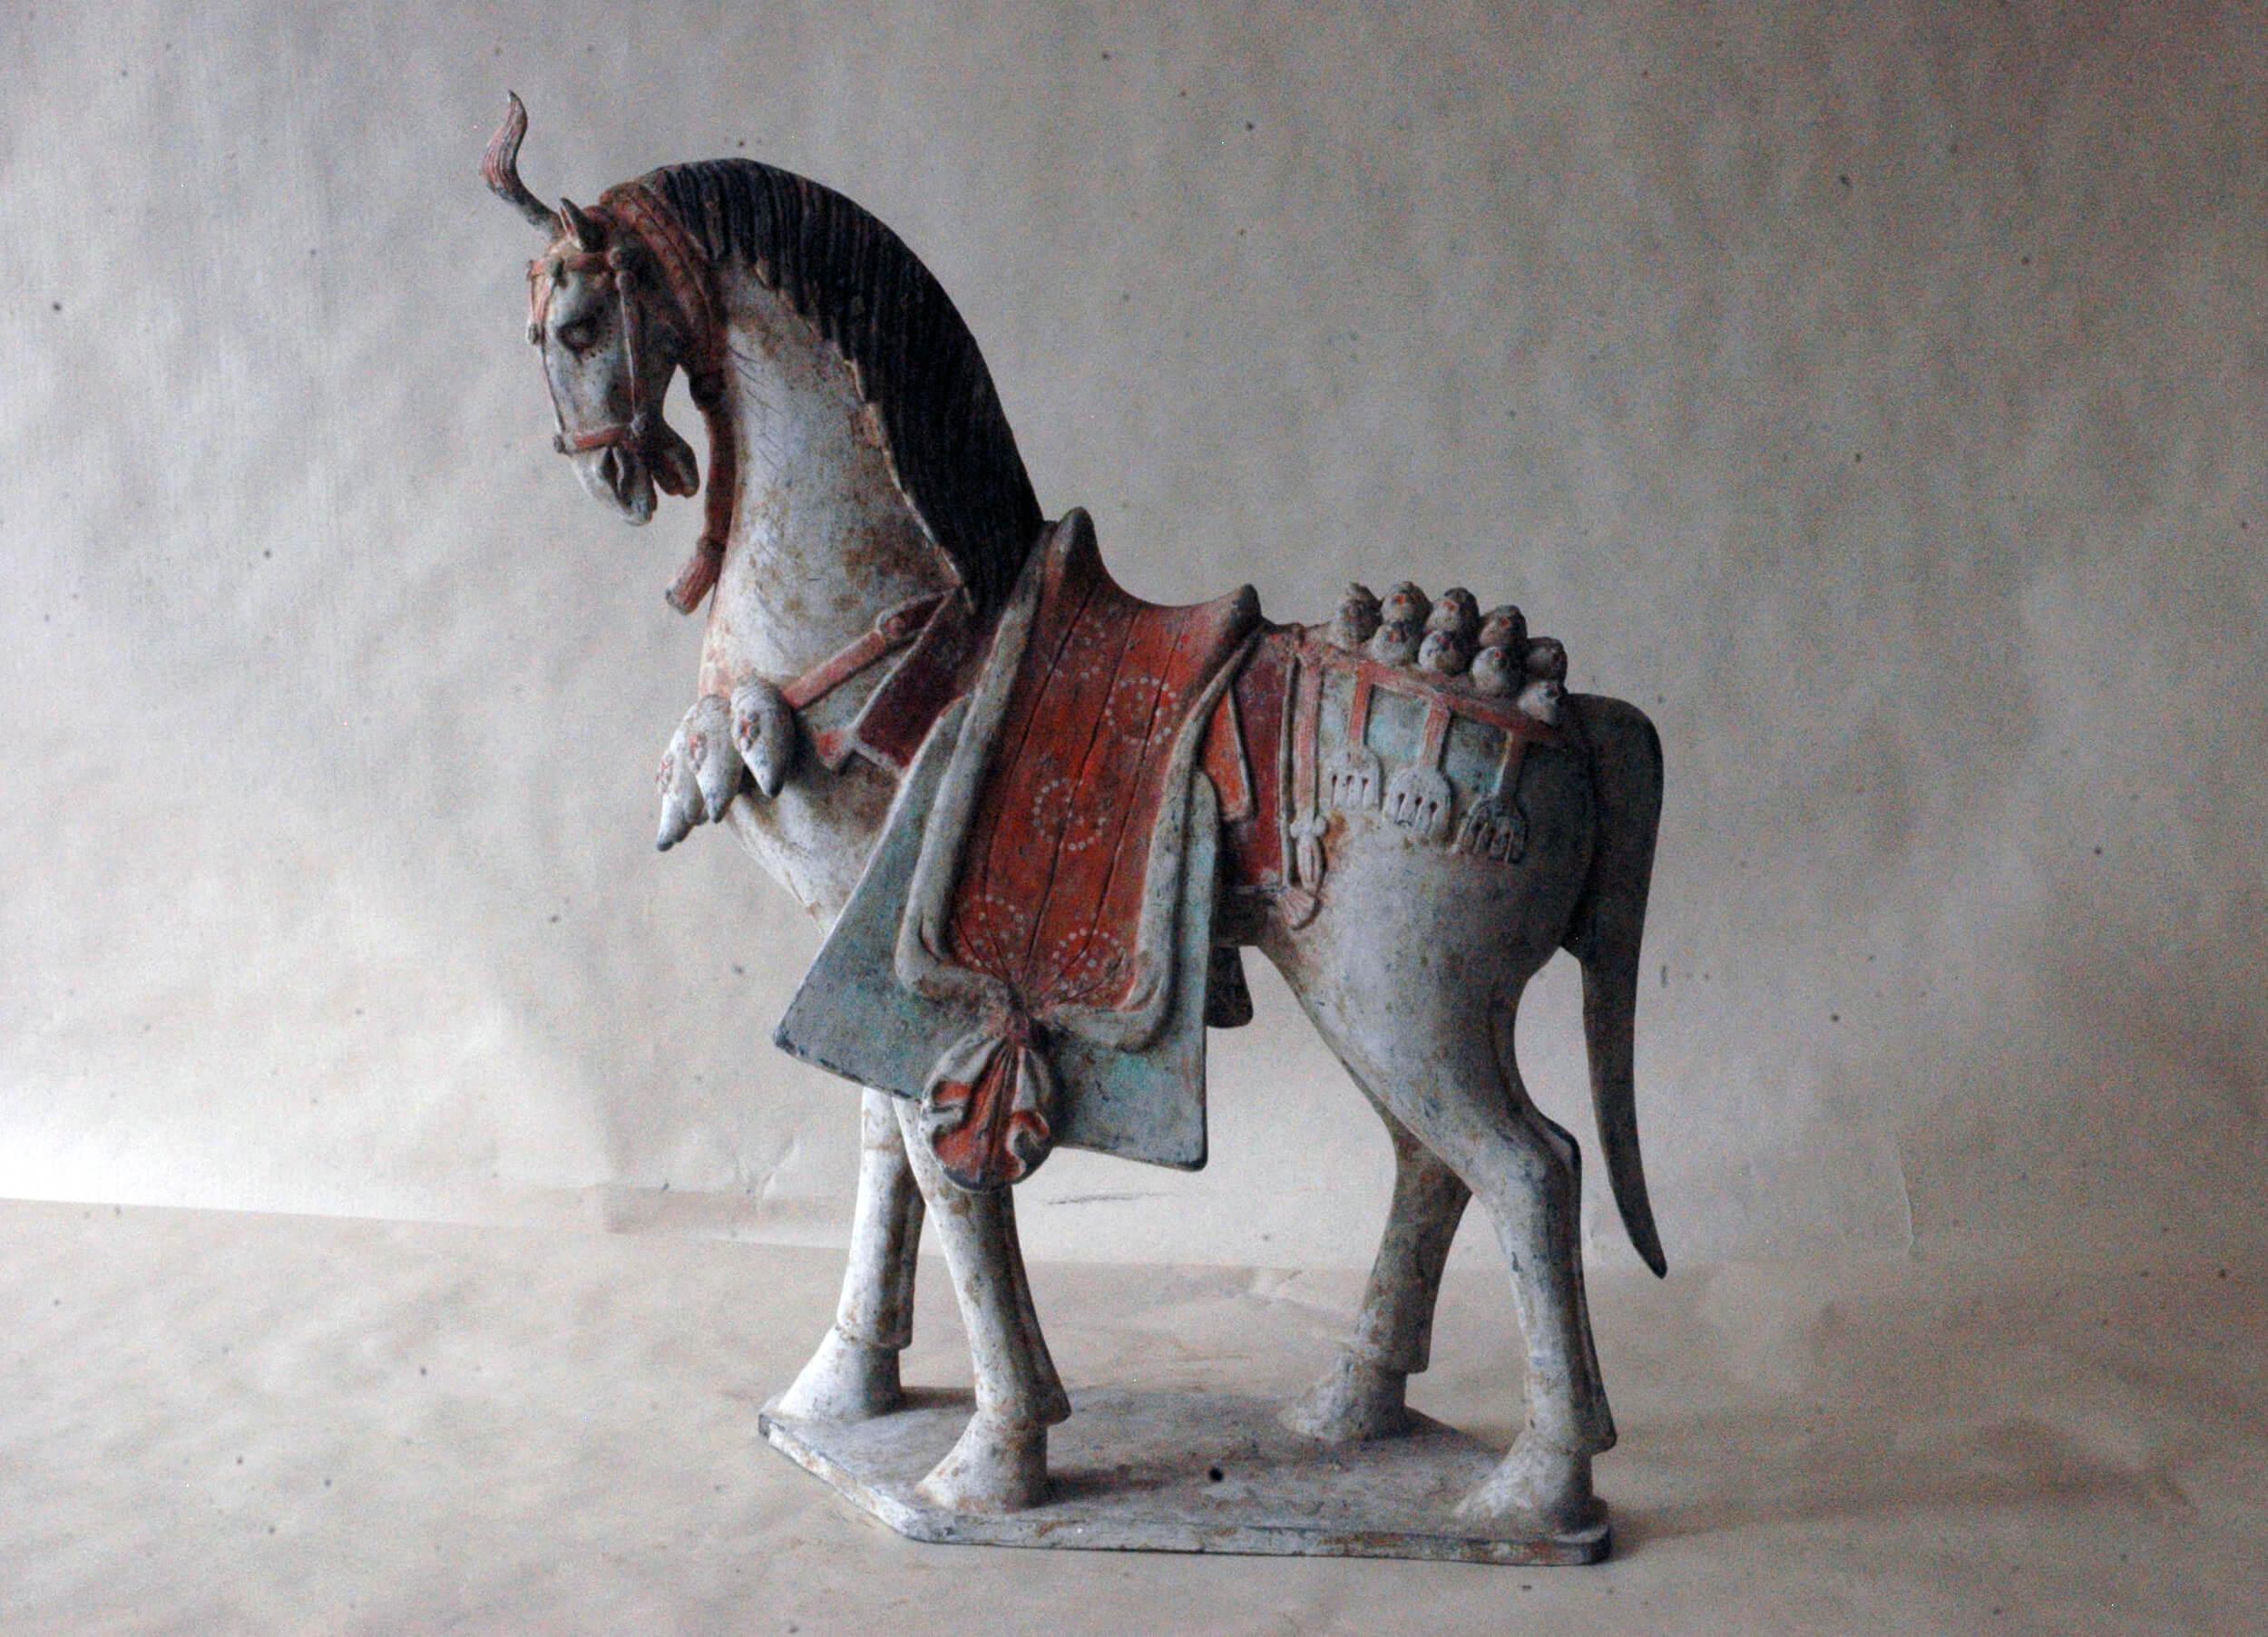 Weiský osedlaný kůň